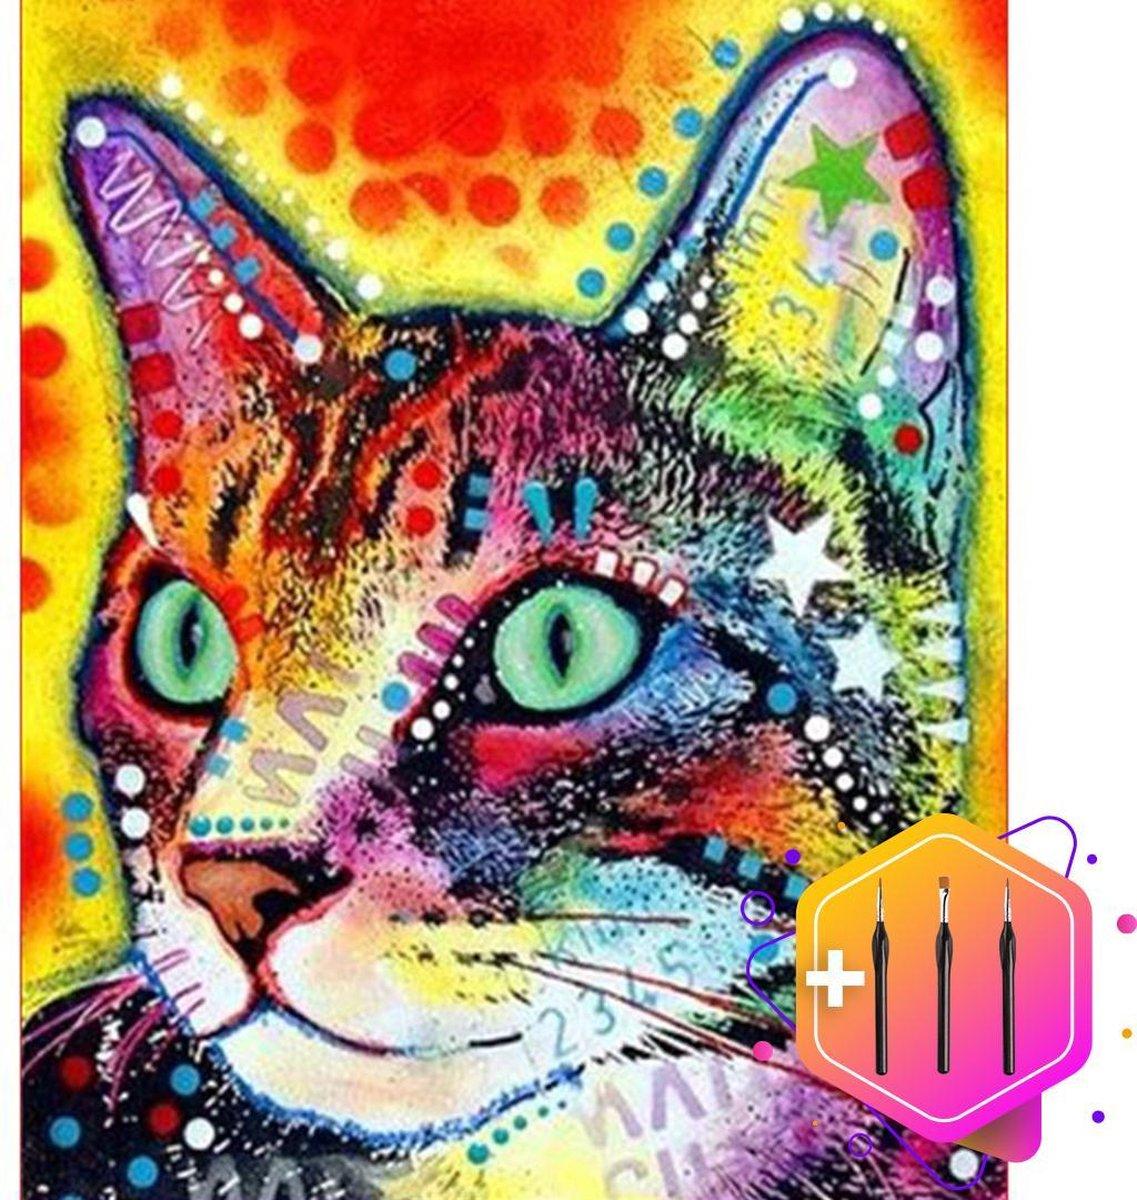 Pcasso ® Kat Met Sterren - Schilderen Op Nummer - Incl. 6 Ergonomische Penselen En Geschenkverpakking - Schilderen Op Nummer Dieren - Schilderen Op Nummer Volwassenen - Canvas Schilderdoek - Kleuren Op Nummer - Paint By Number - 40x50 cm -